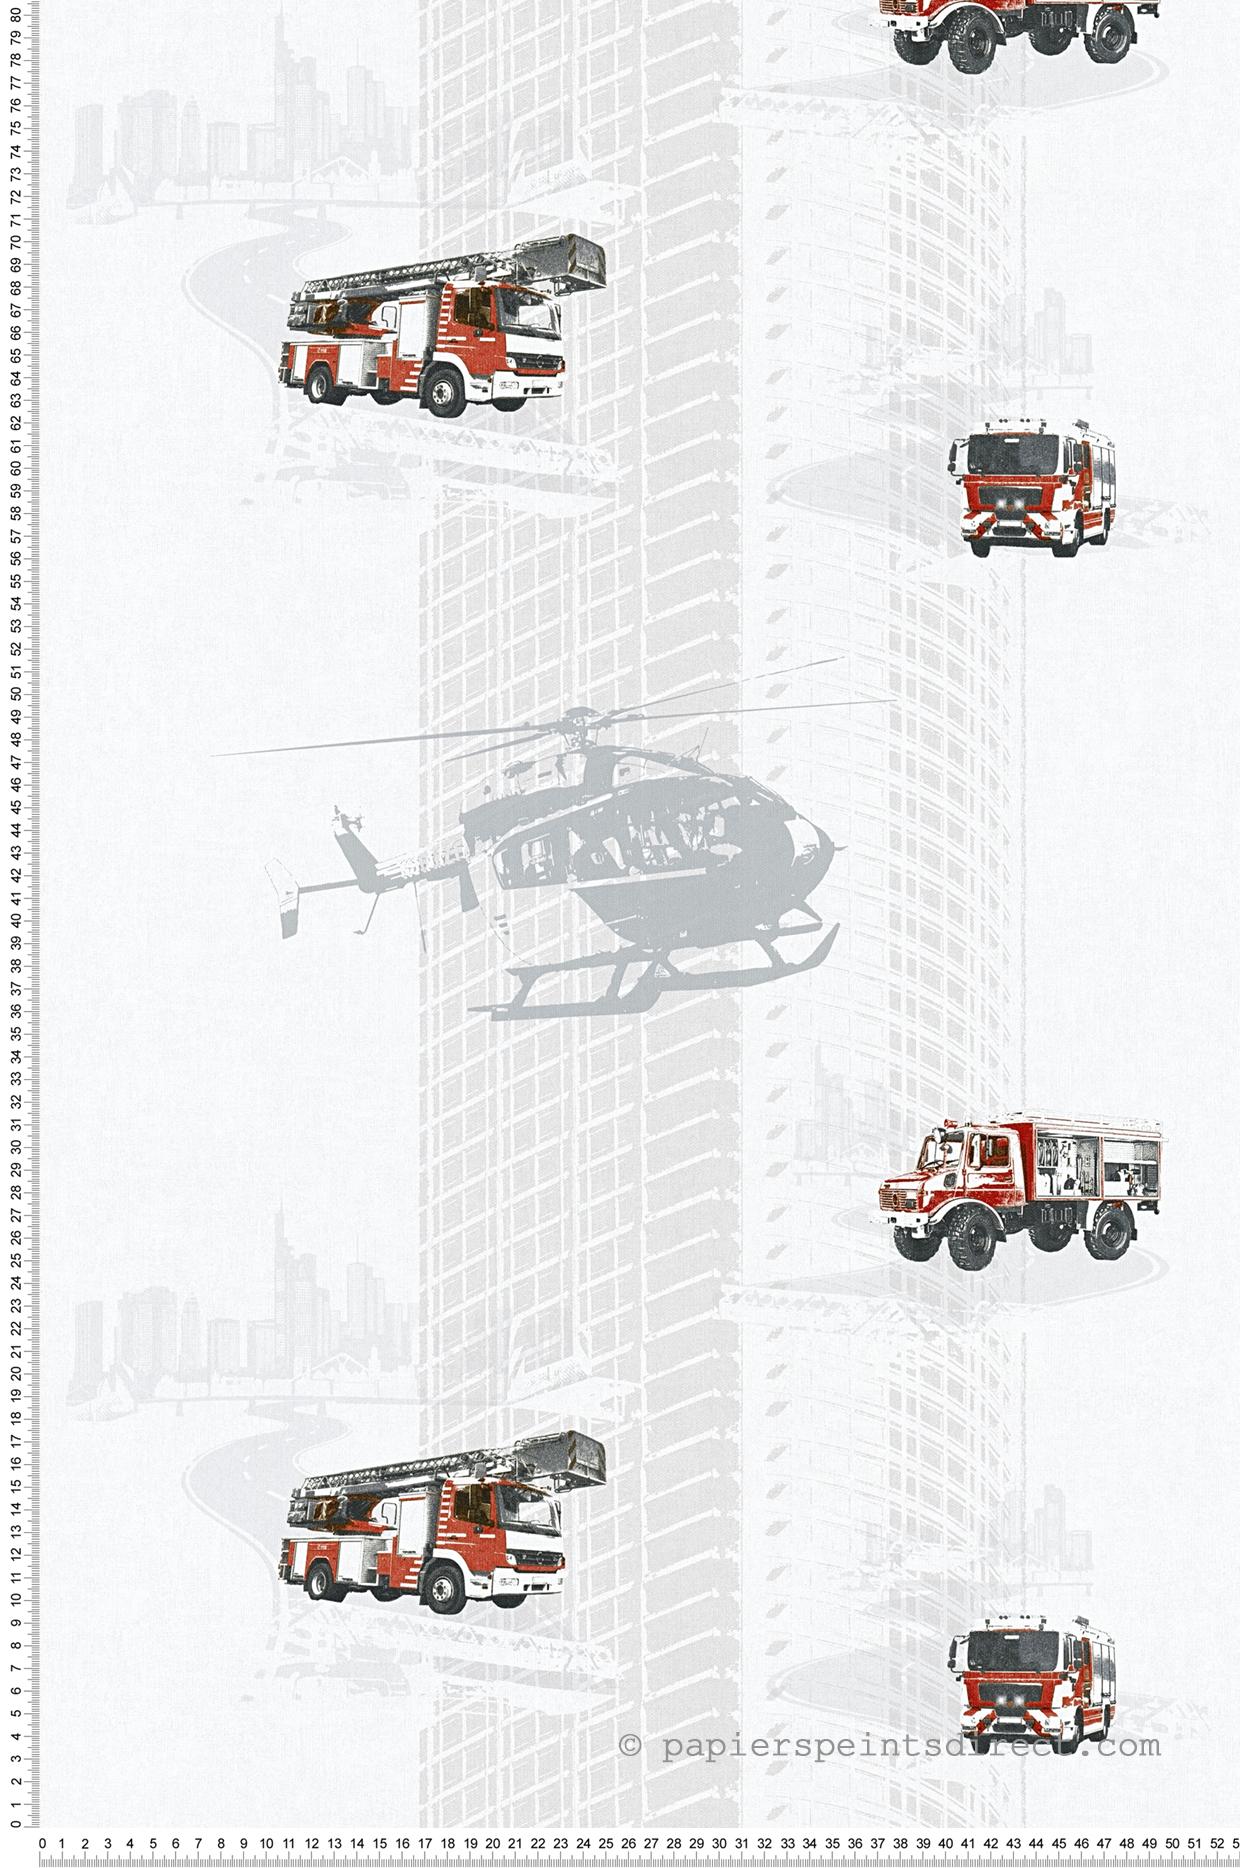 Papier peint camion pompier et hélico gris perle - Little Stars AS Création | Réf. SP04342